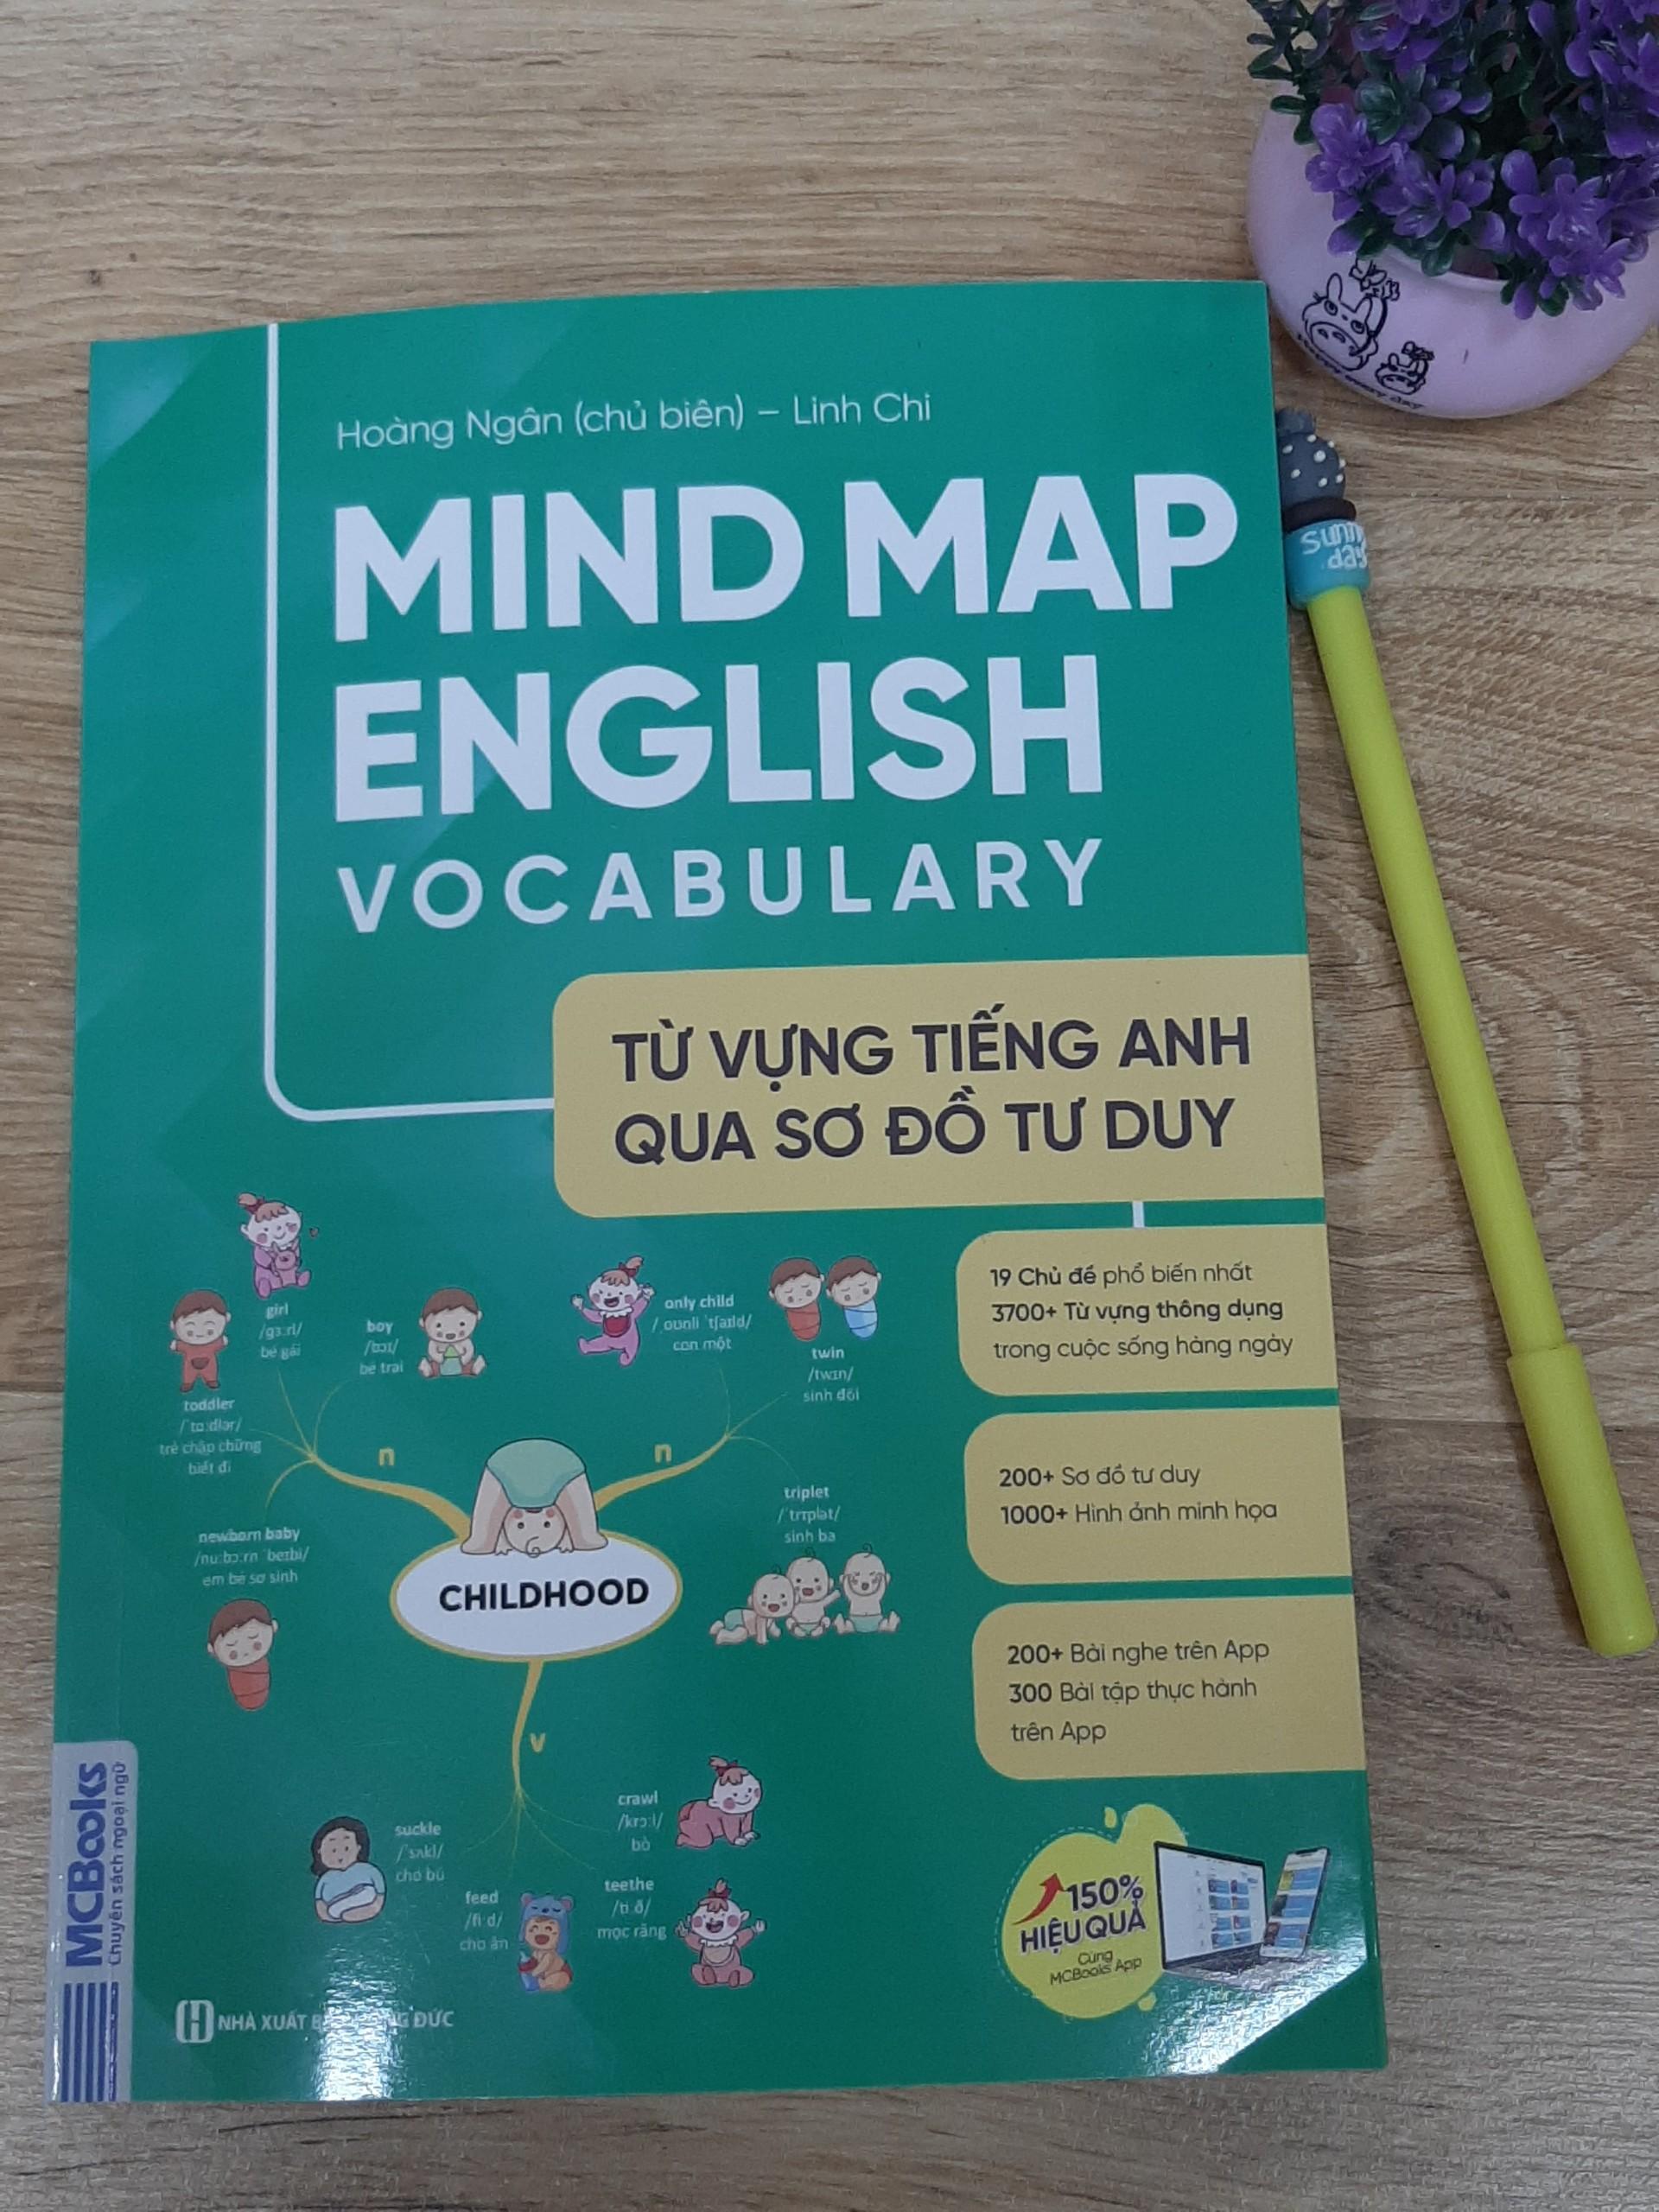 Mindmap English Vocabulary